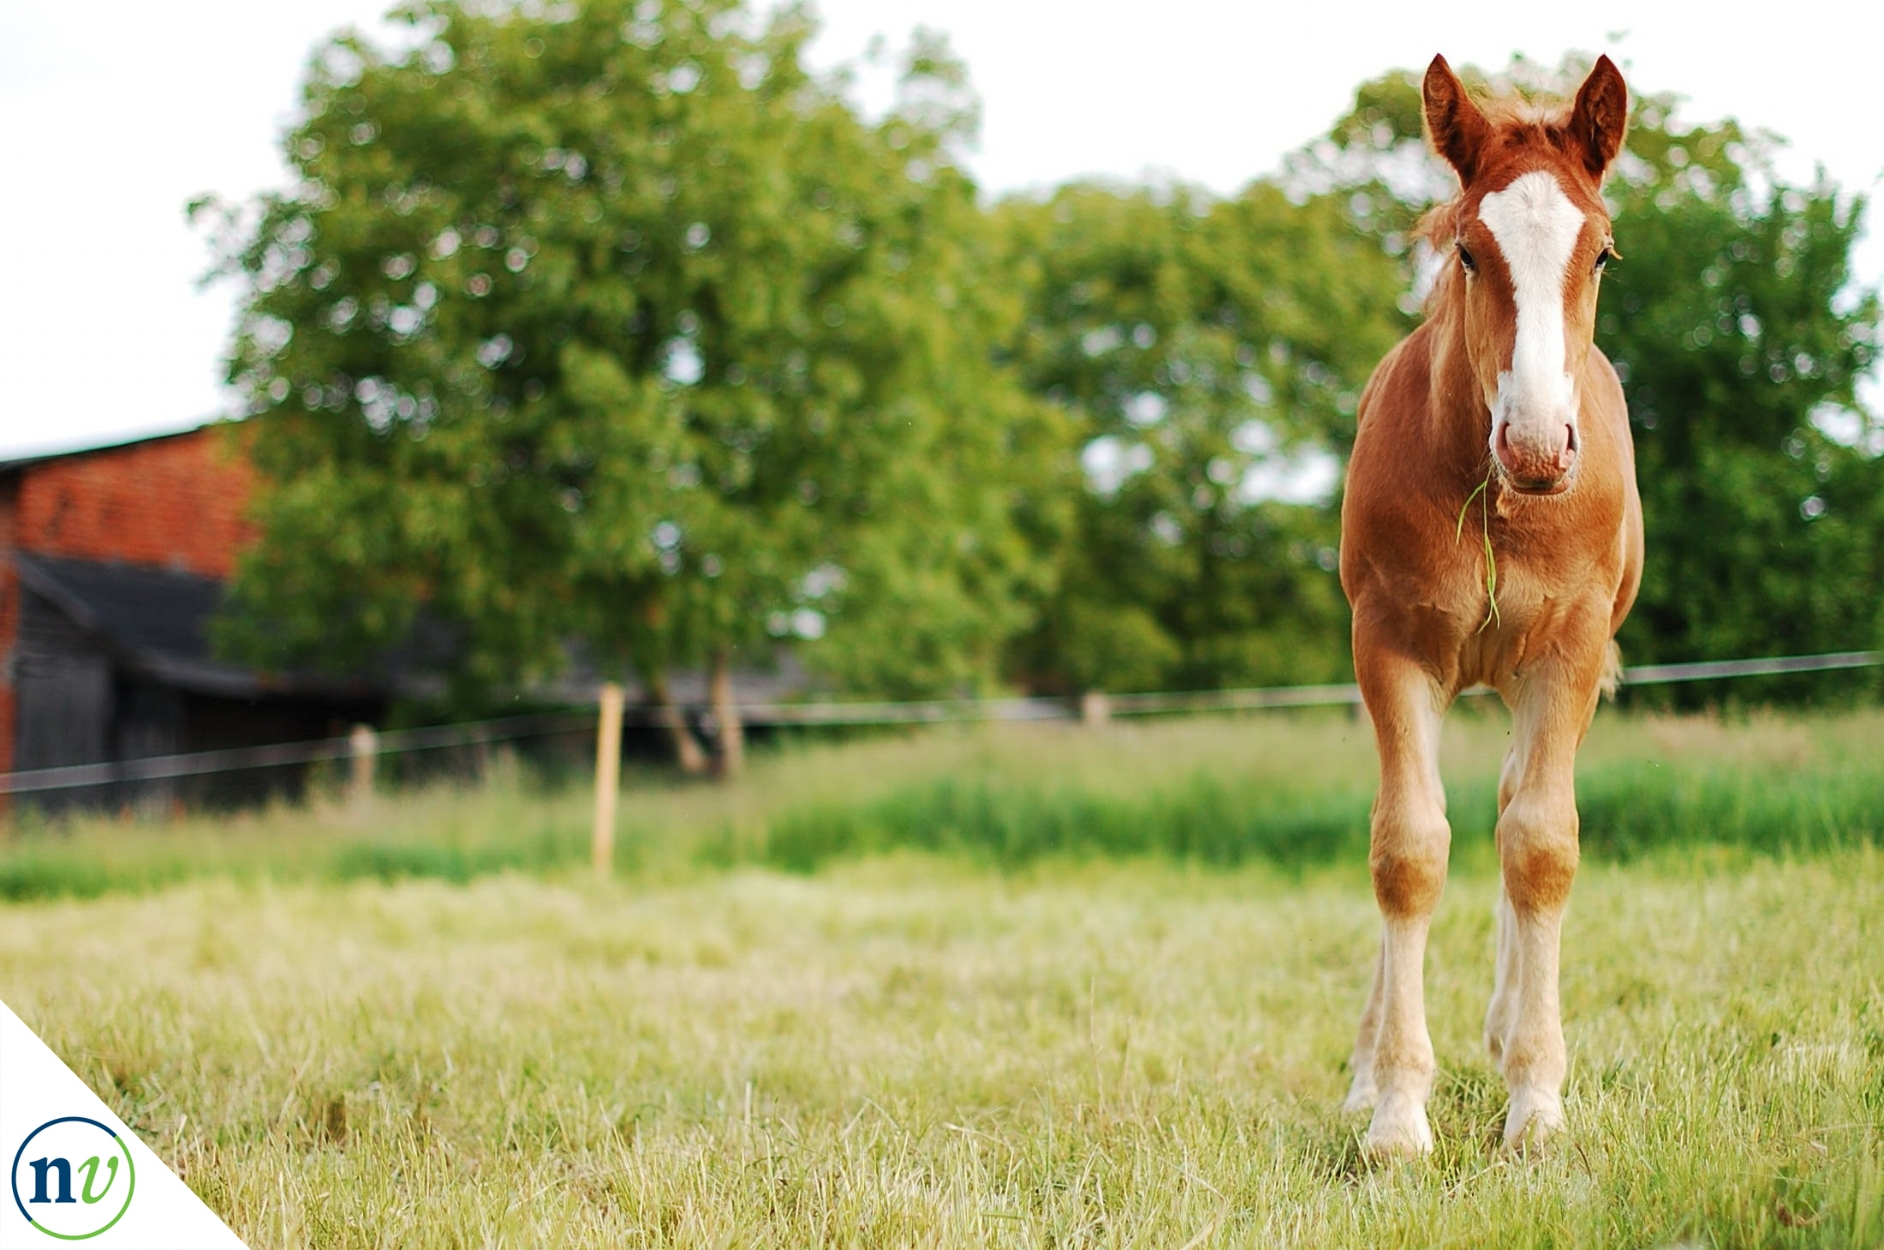 NostrilVet_horse_eating_grass.jpg